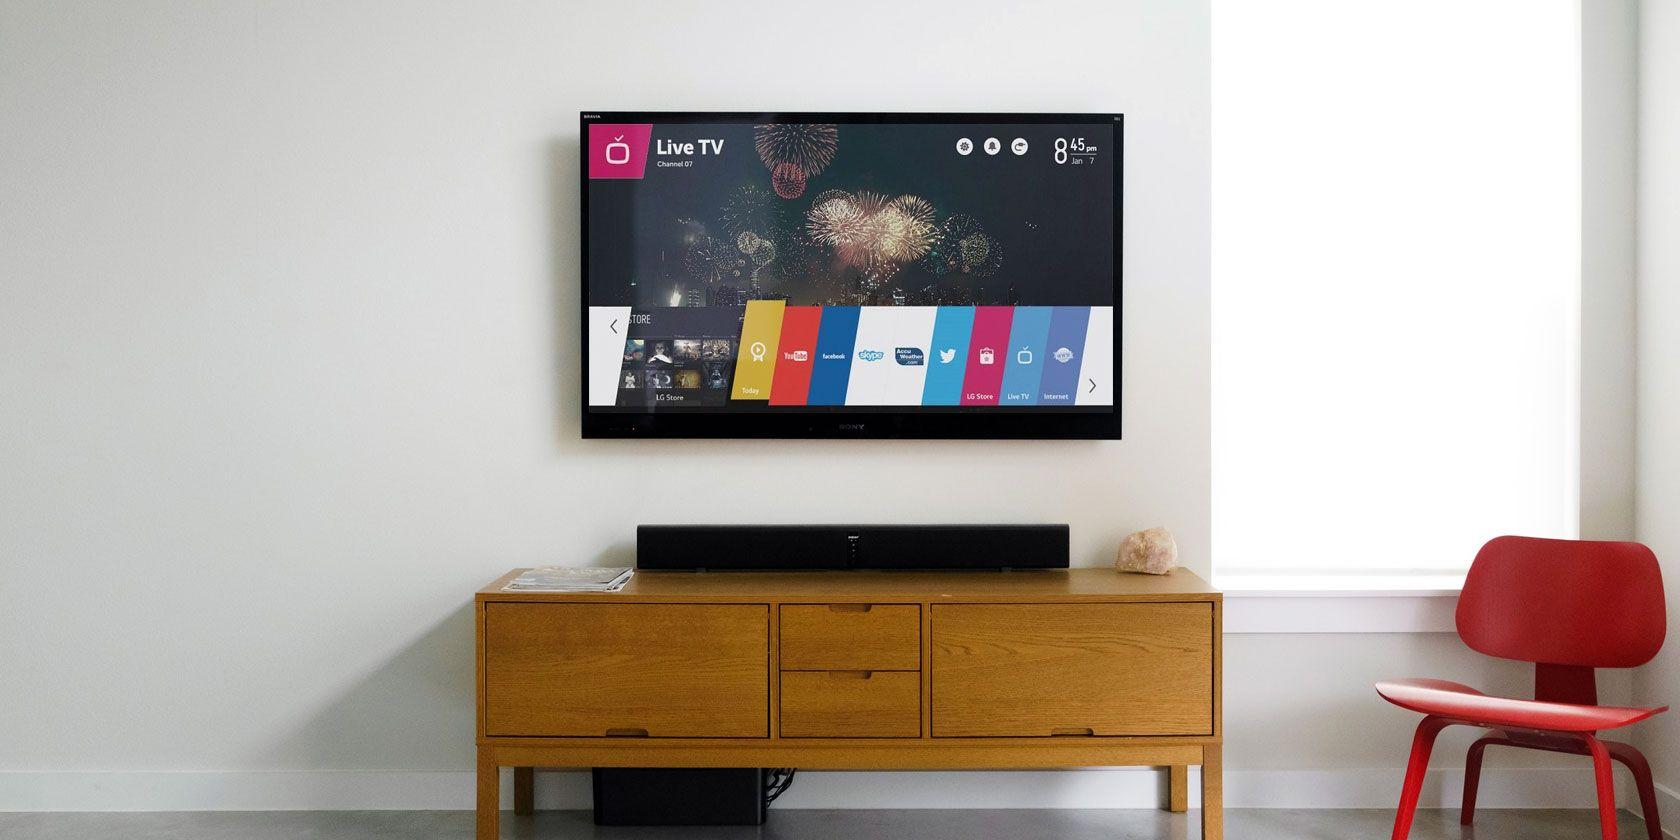 best-smart-tv-os